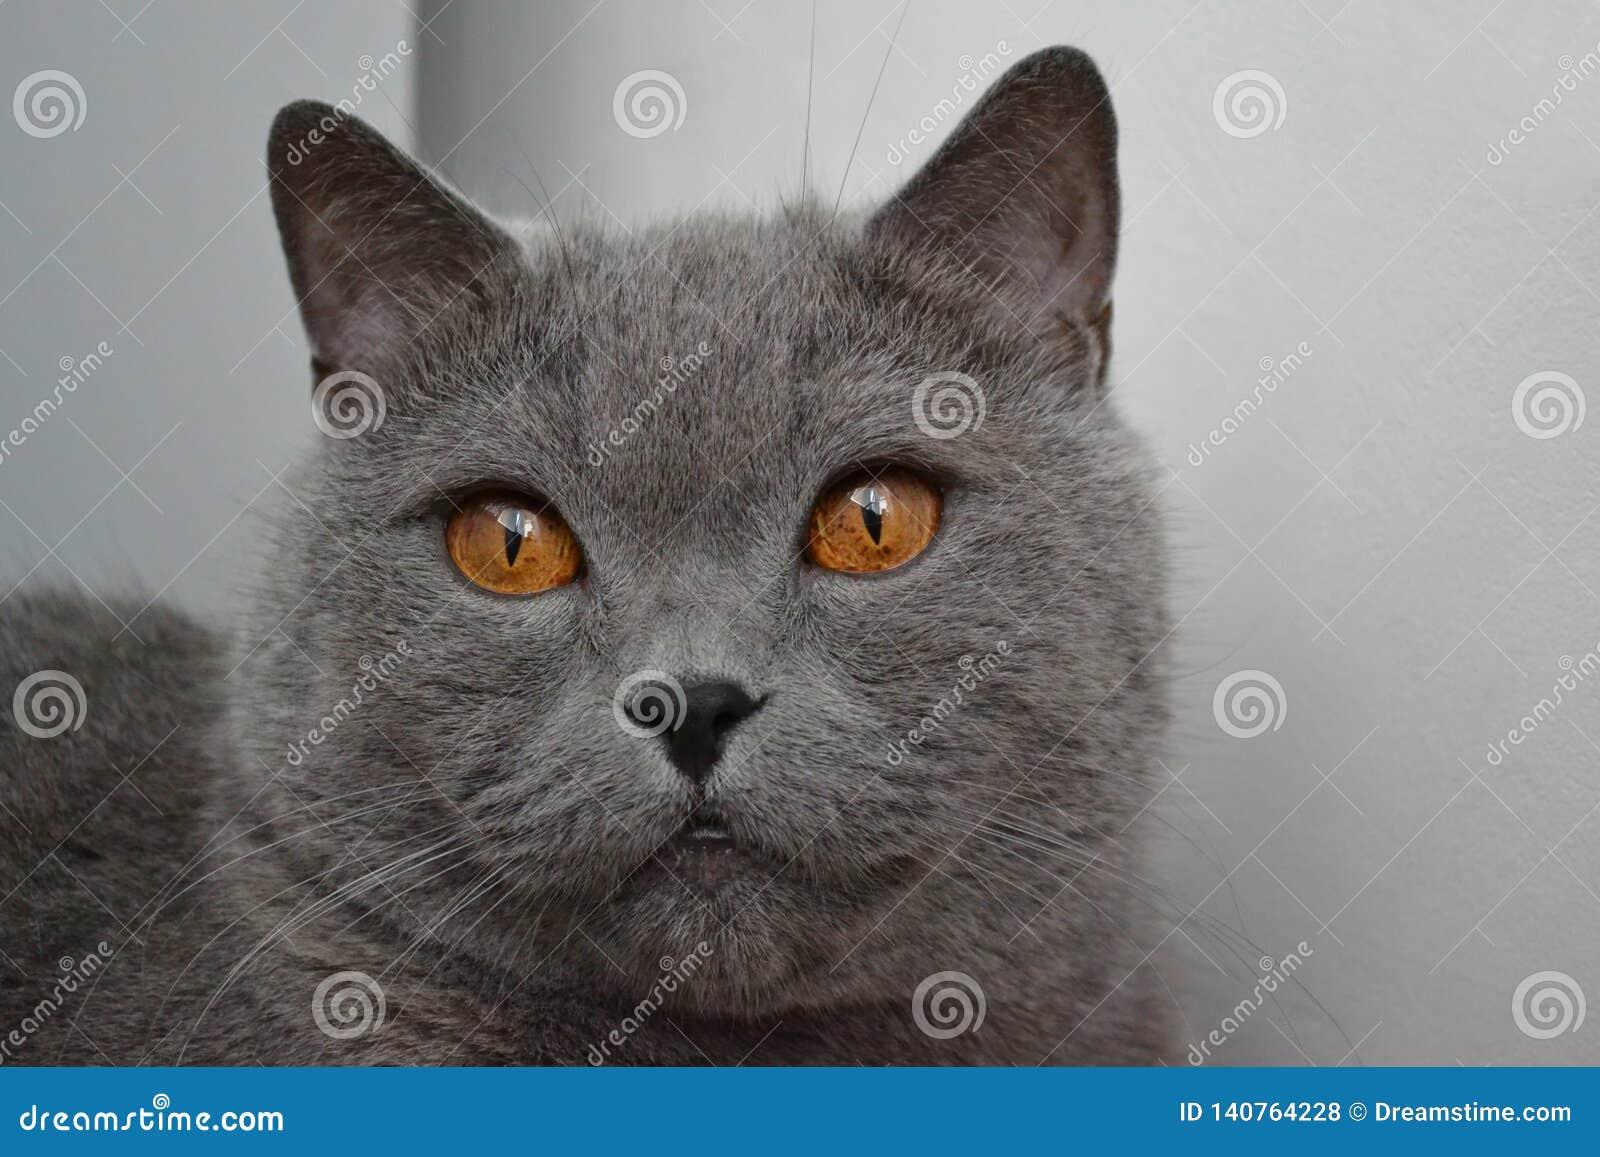 Великобританский кот с золотыми глазами